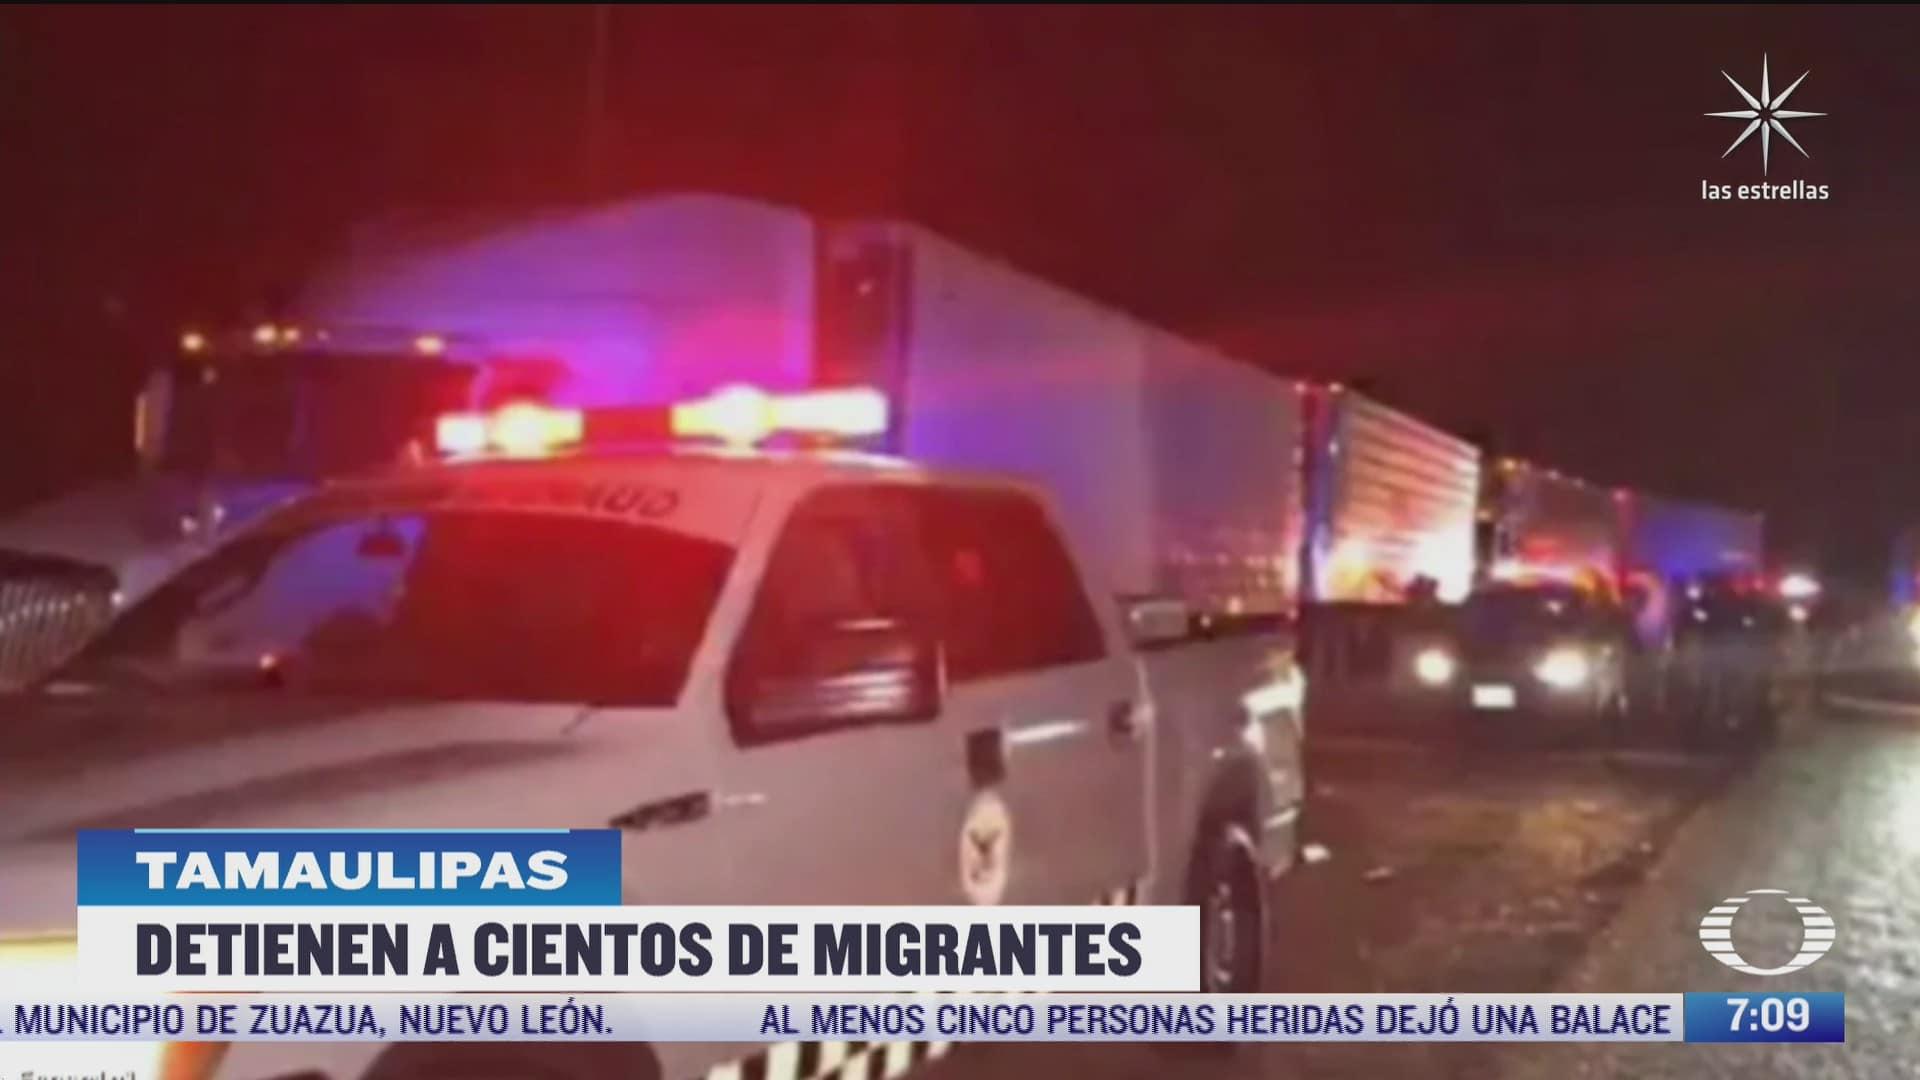 rescatan a cientos de migrantes en tamaulipas